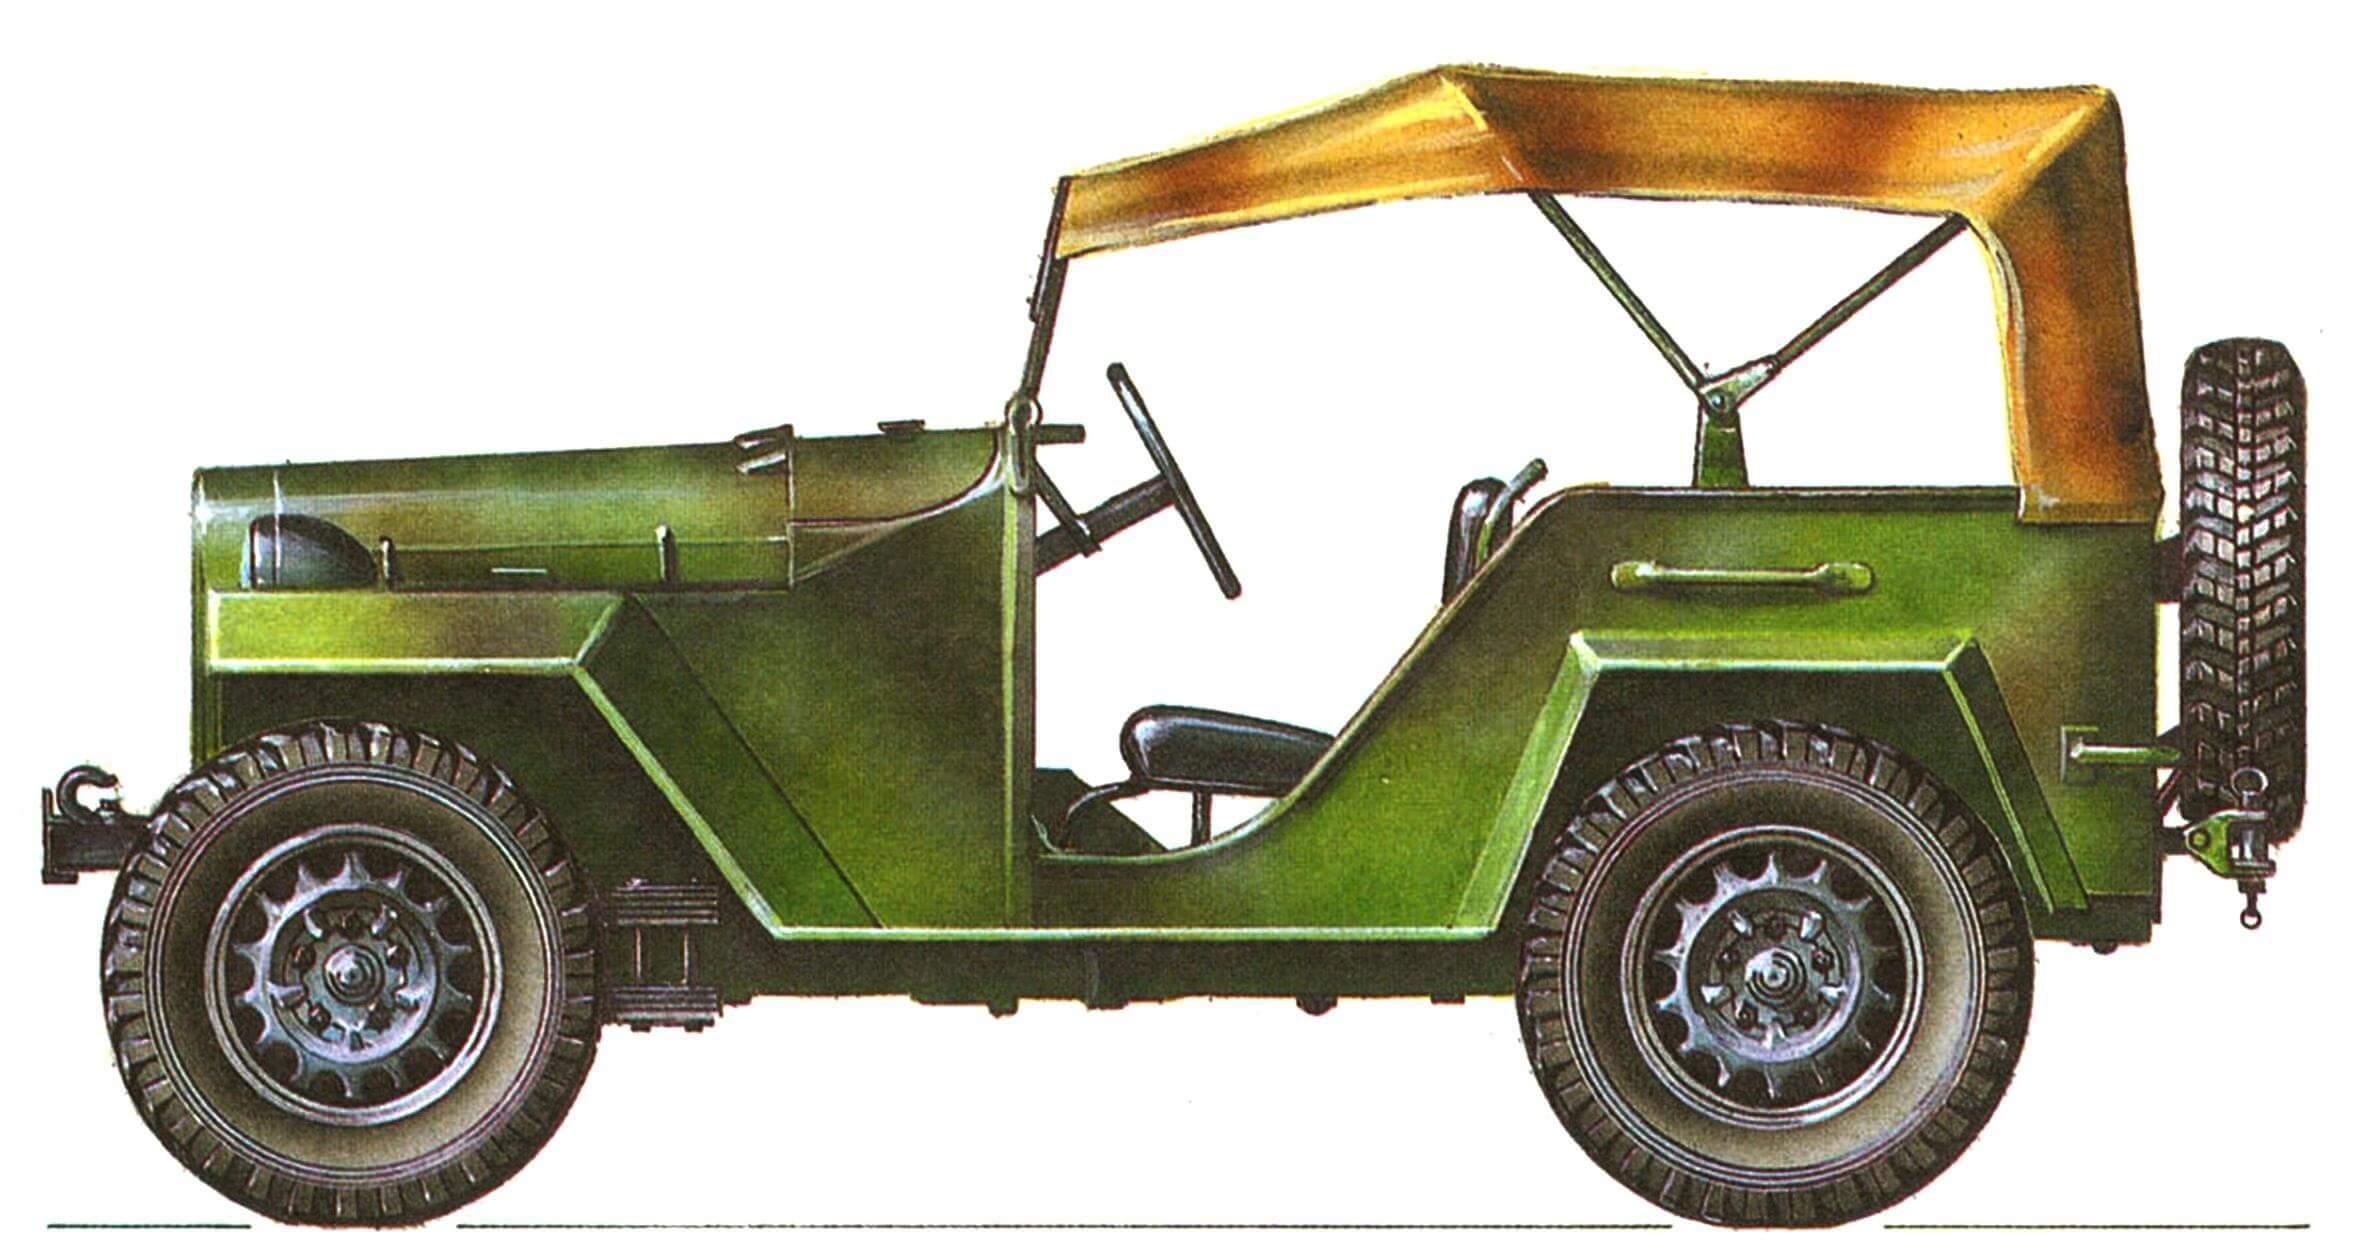 ГАЗ-67Б в камуфляже в период испытаний на НИБТПолигоне летом 1943 г.